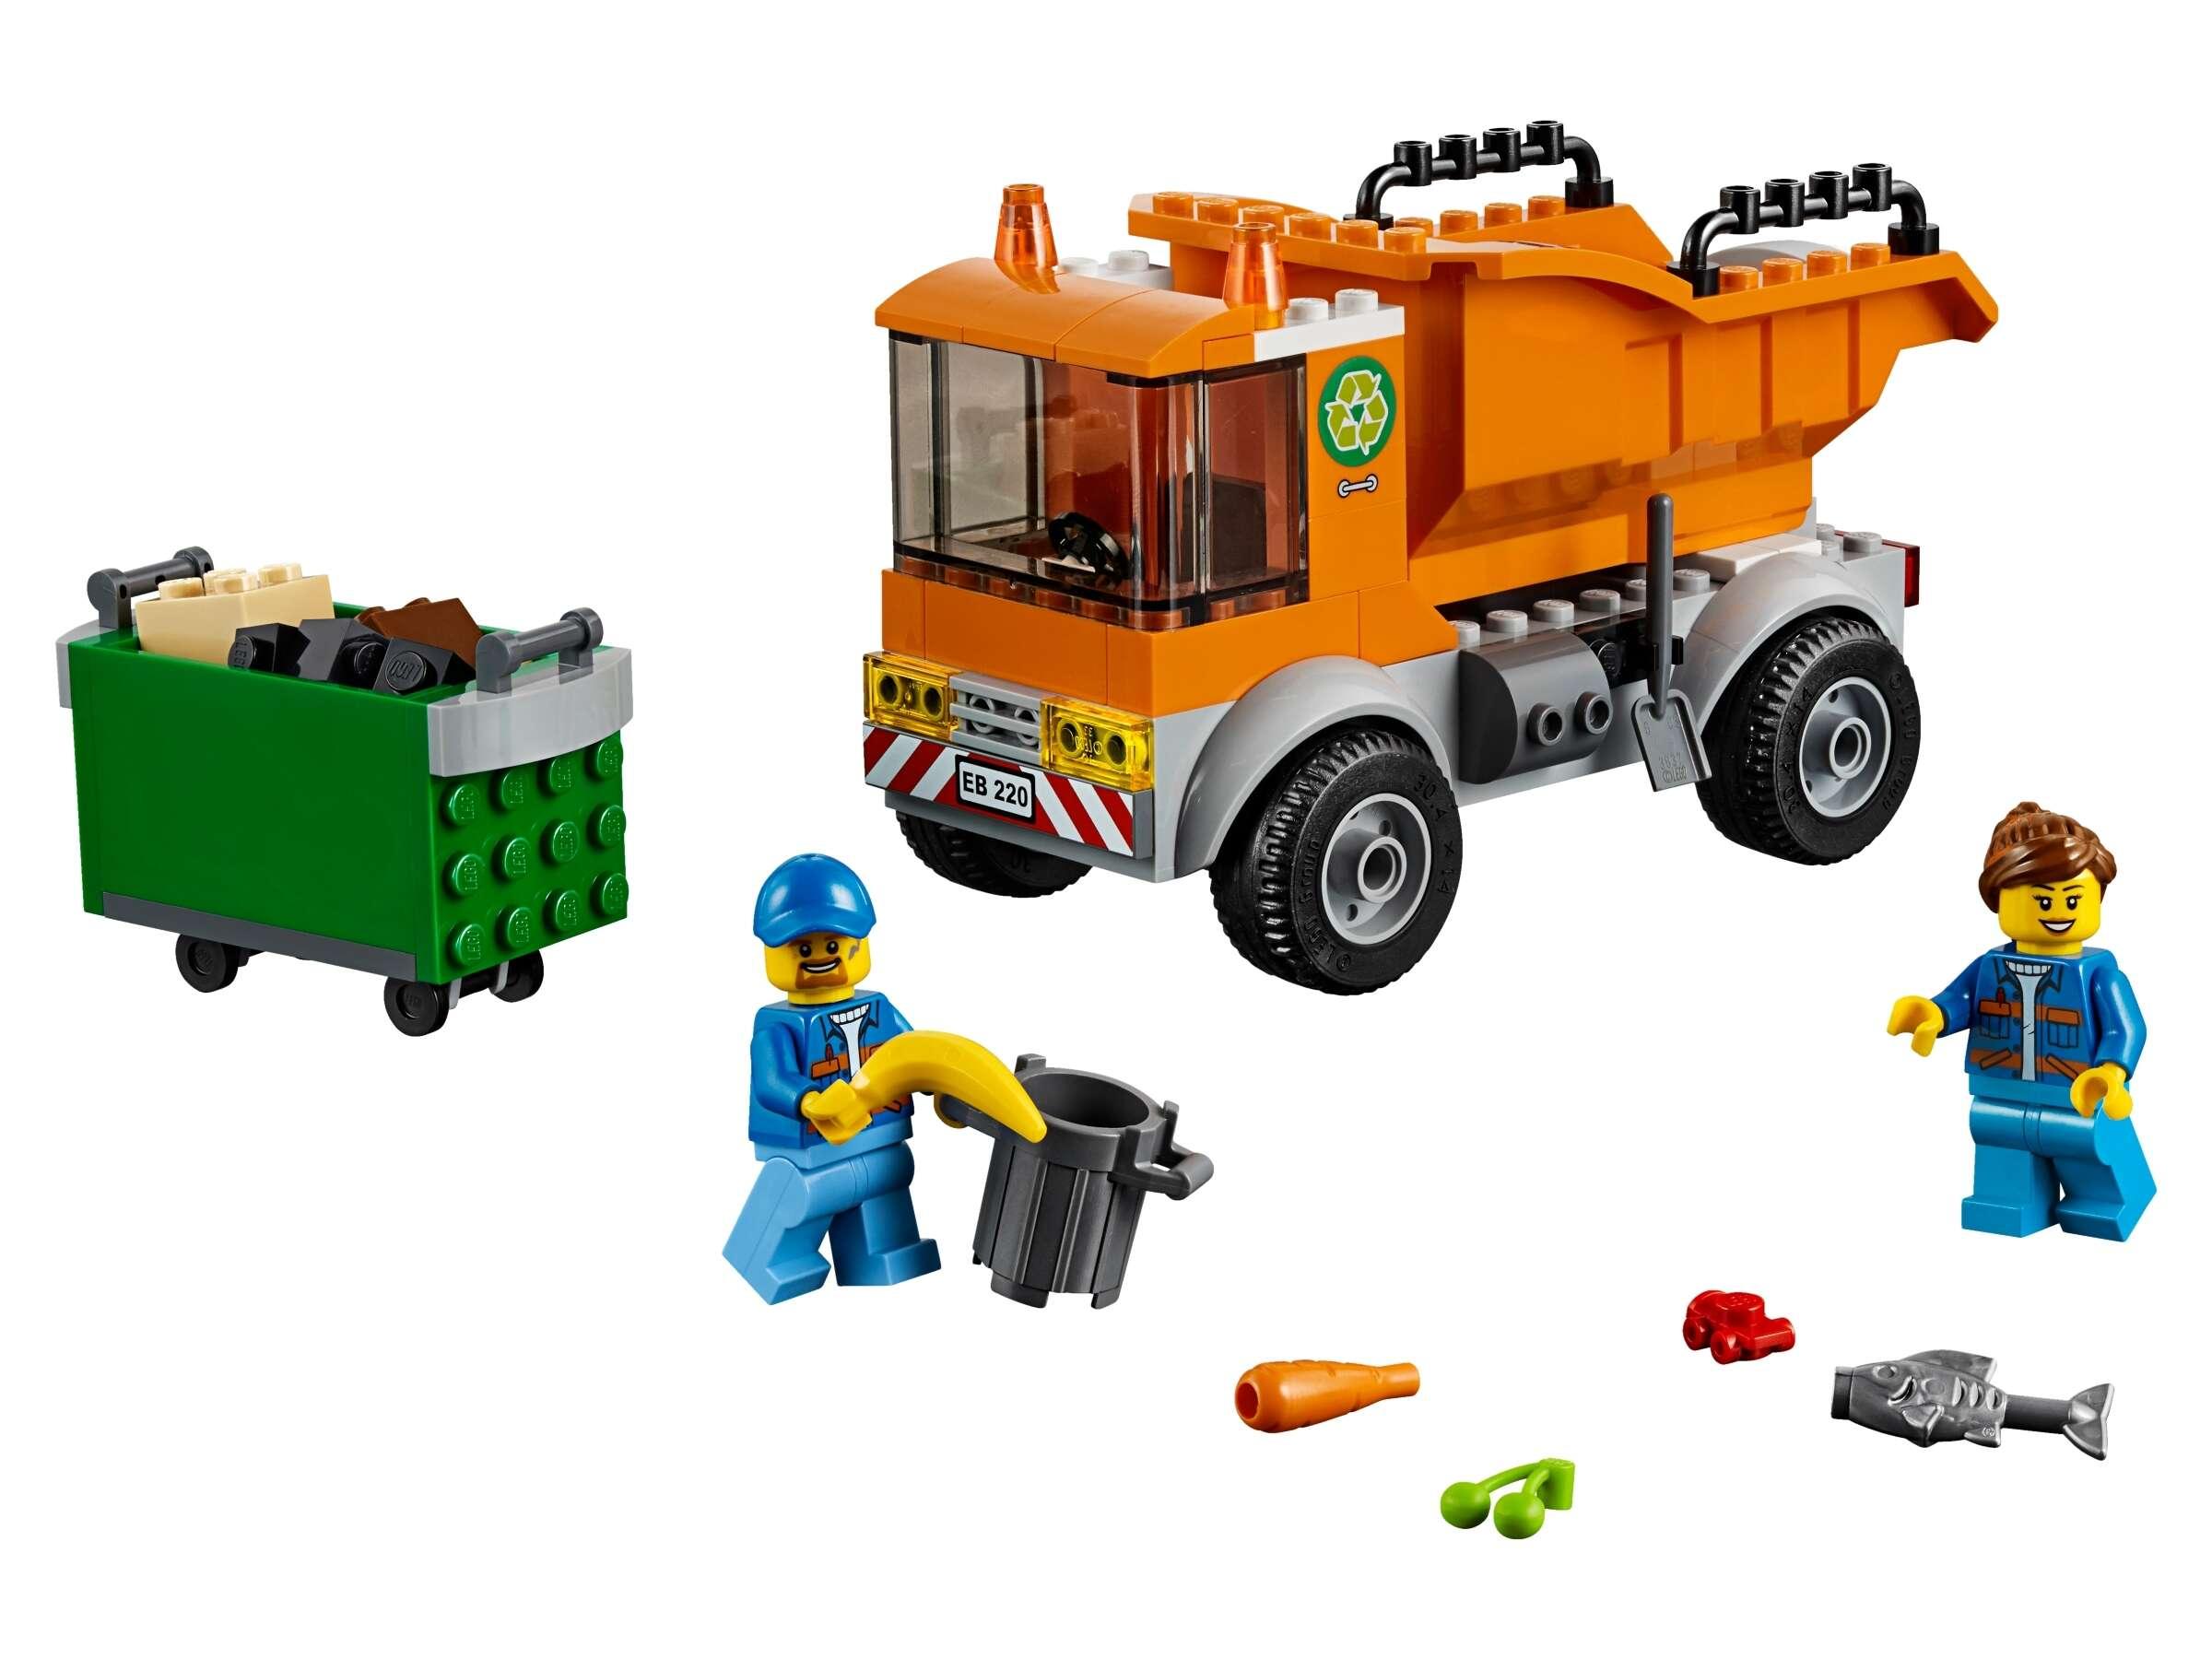 LEGO 60220 City Müllabfuhr mit 2 Müllarbeiter Minifiguren